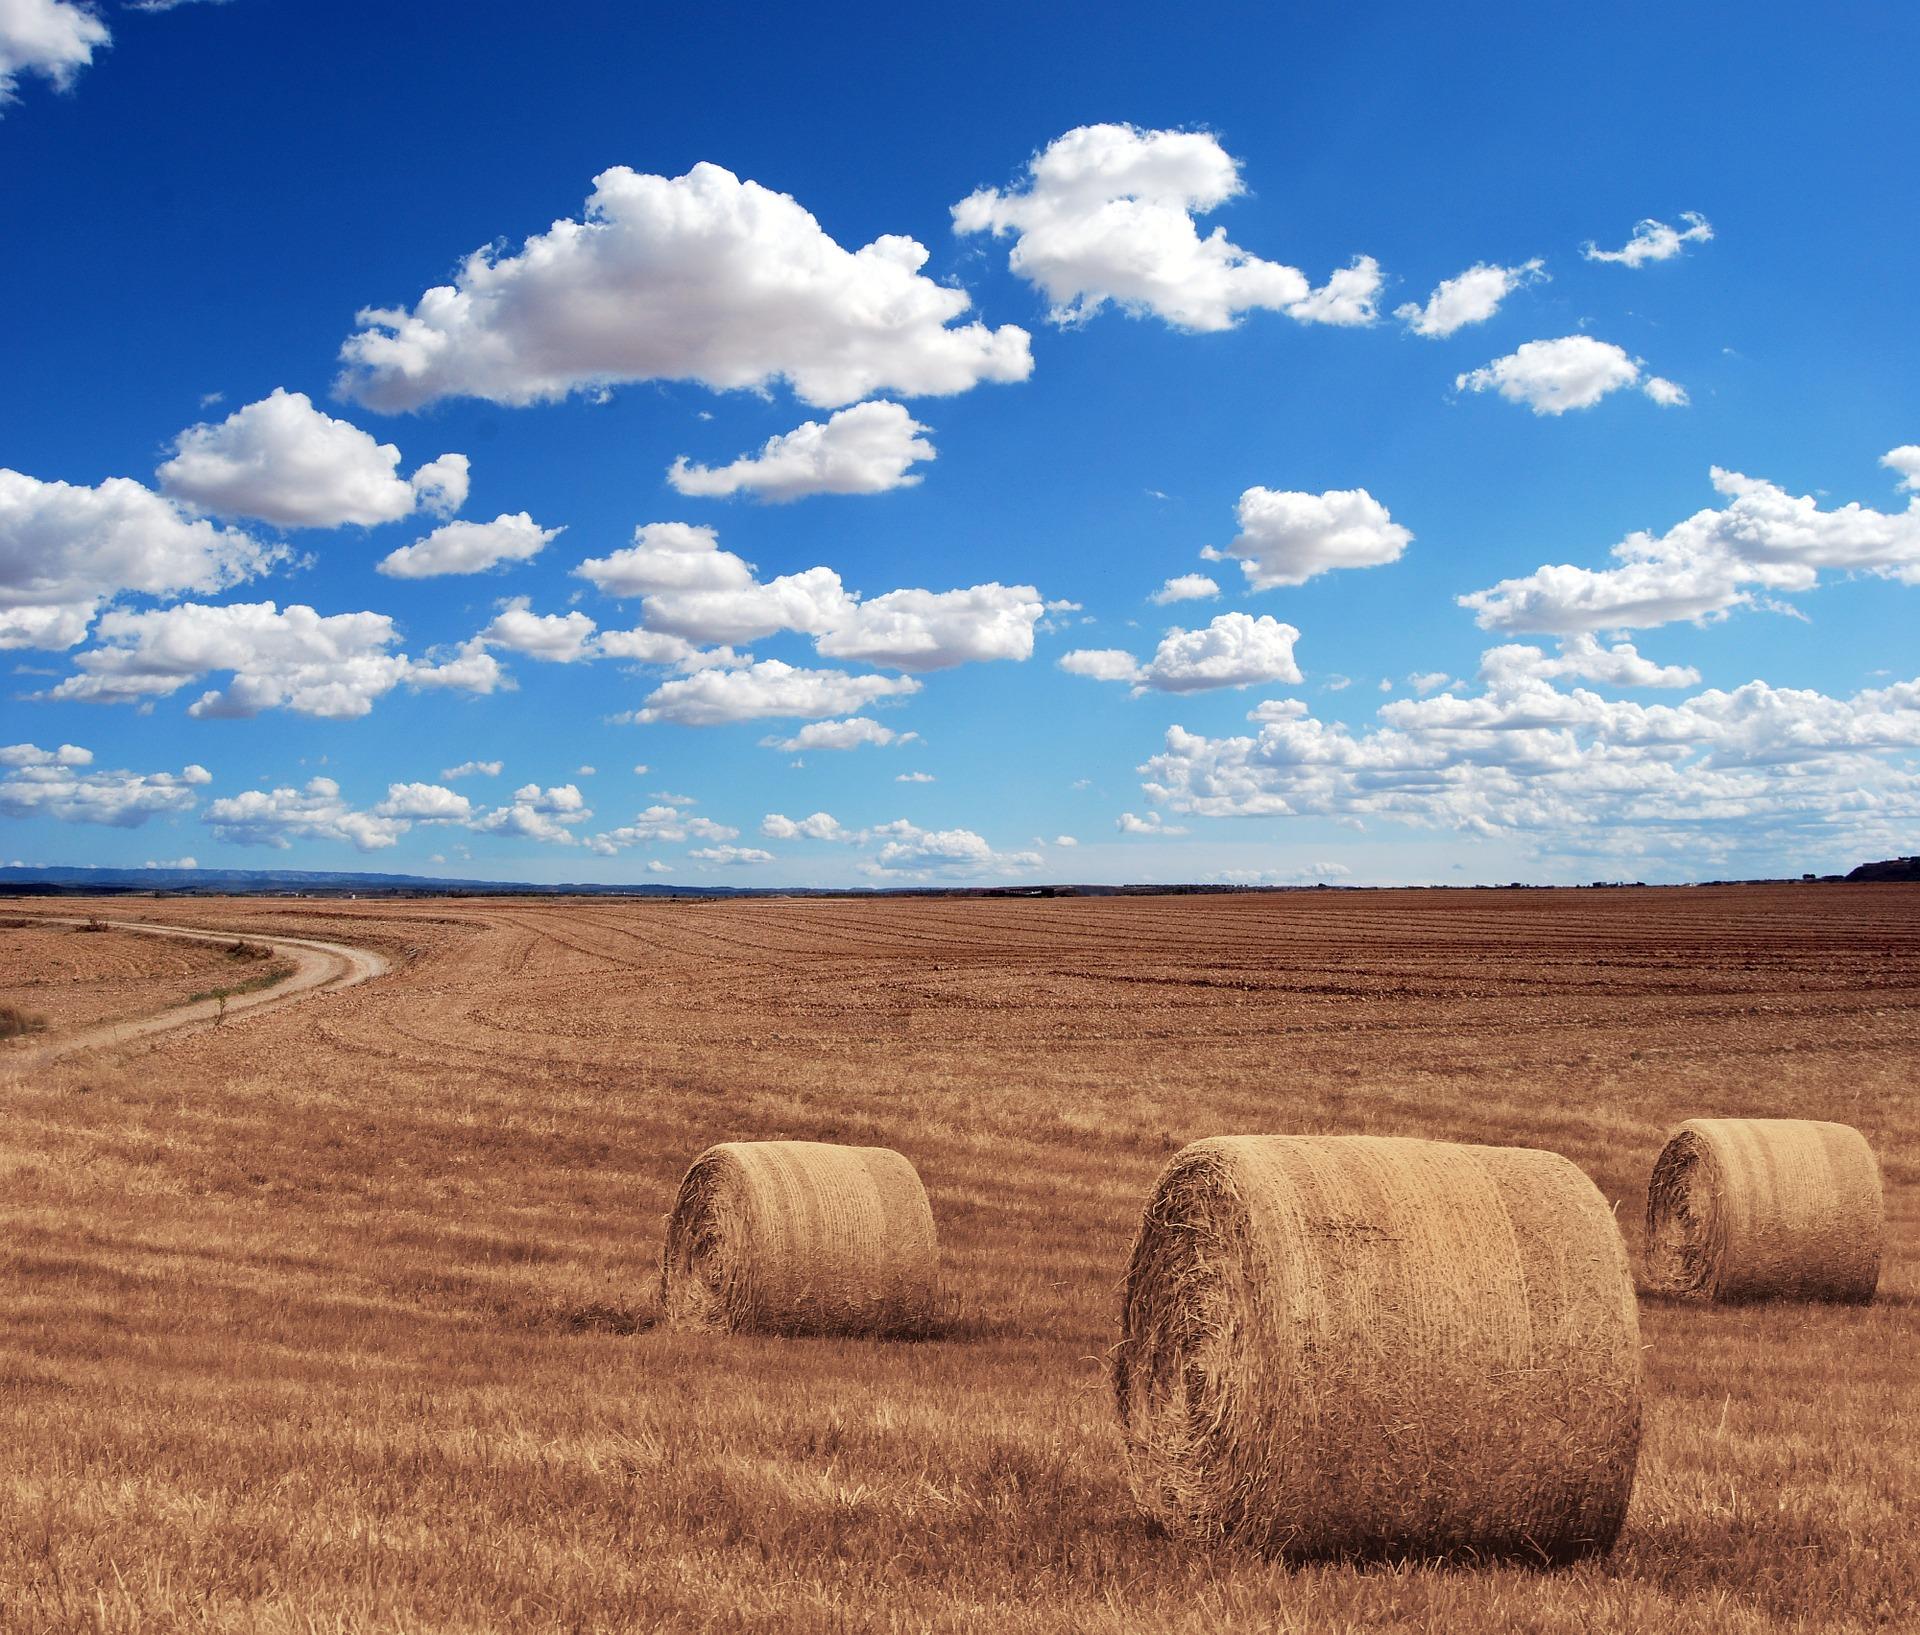 Agrárbiztosítások: Idén kedvezőbb lehet a díjtámogatás mértéke